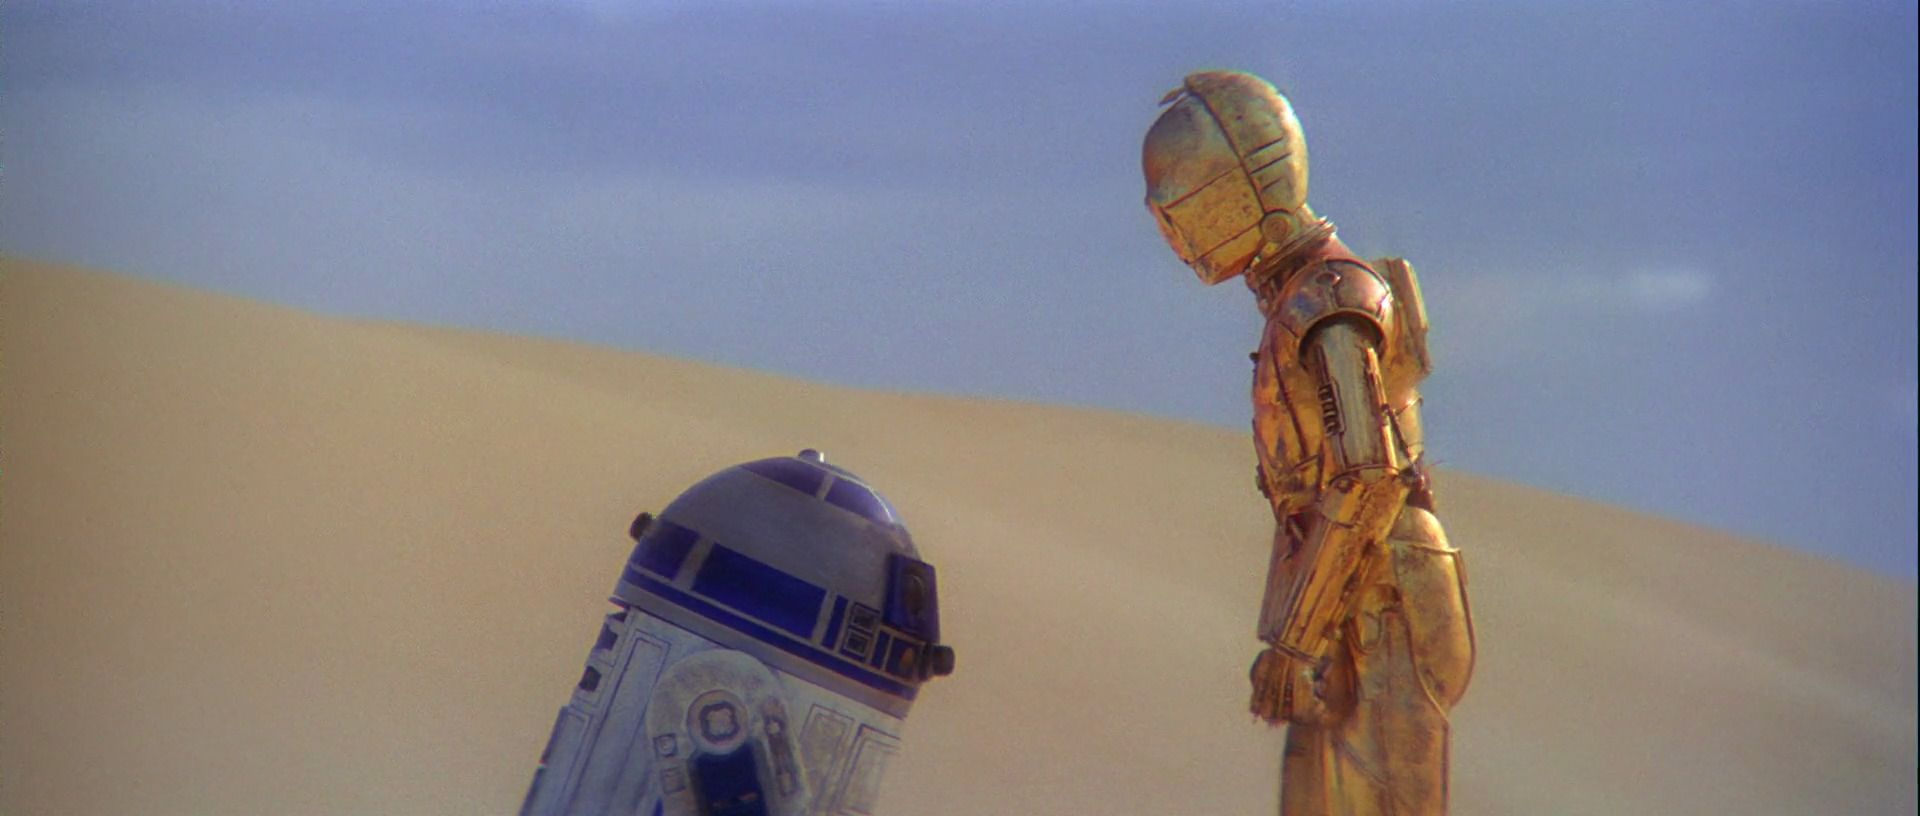 Star Wars Episode Iv A New Hope 1977 Star Wars Screencaps Com Star Wars Episode Iv Star Wars Episodes Episode Iv